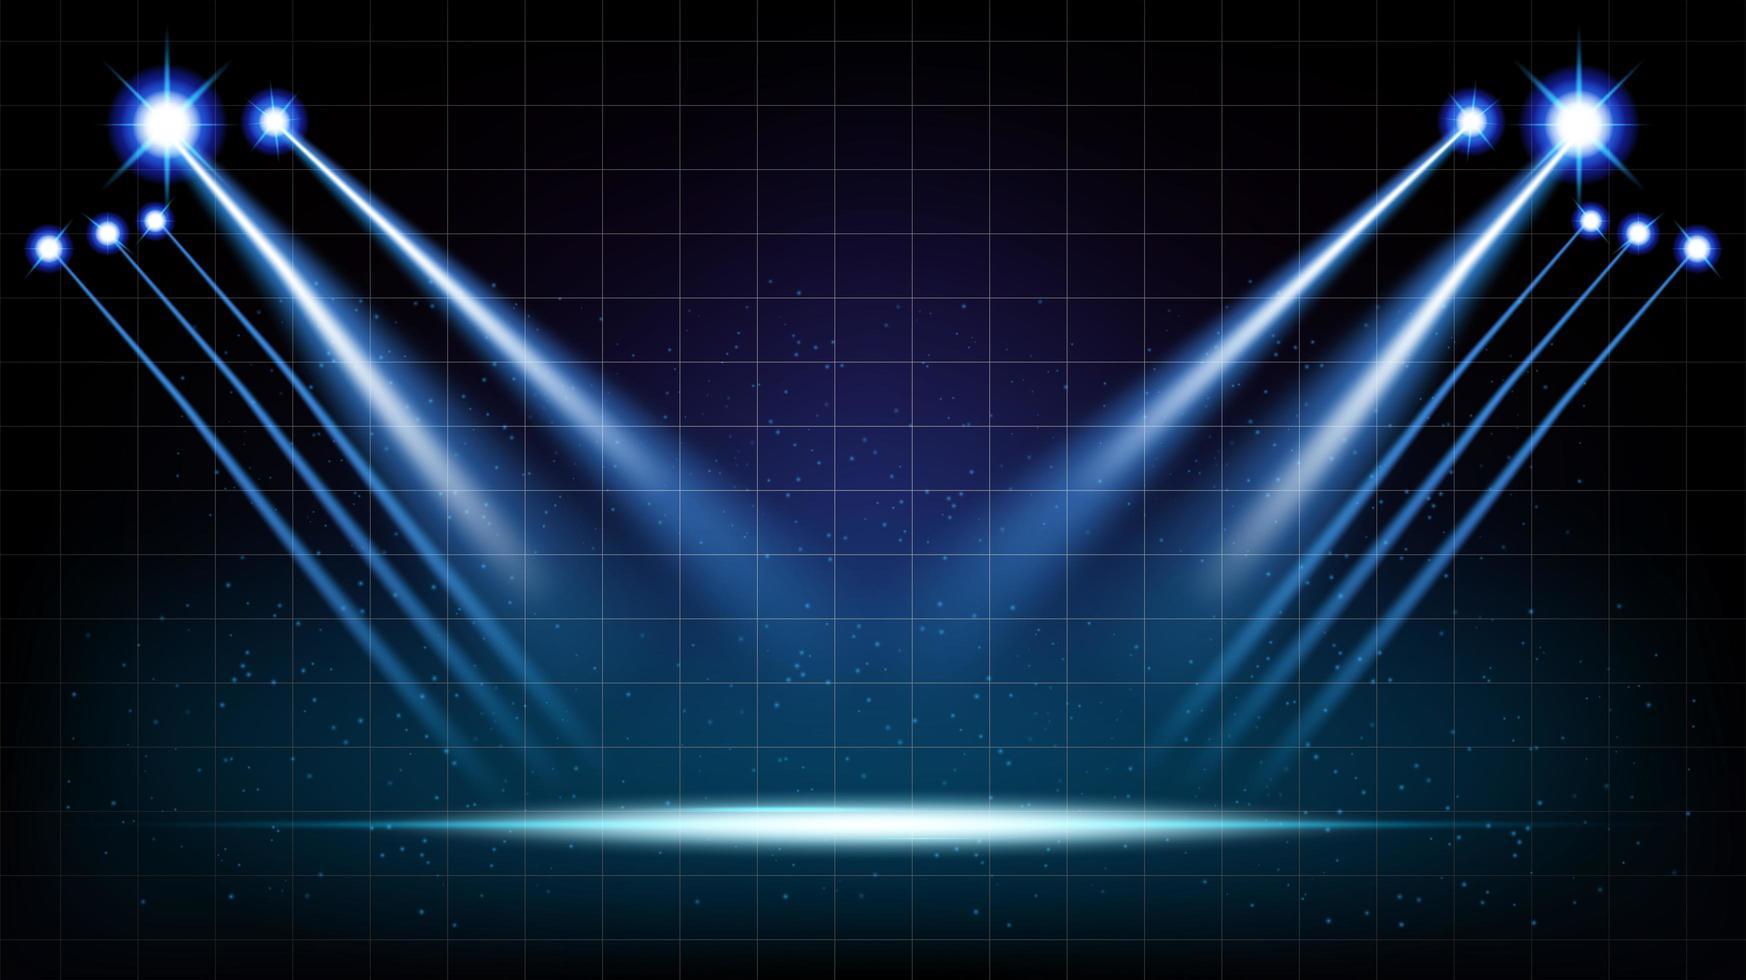 sala de palco com fundo abstrato com luzes cênicas vetor